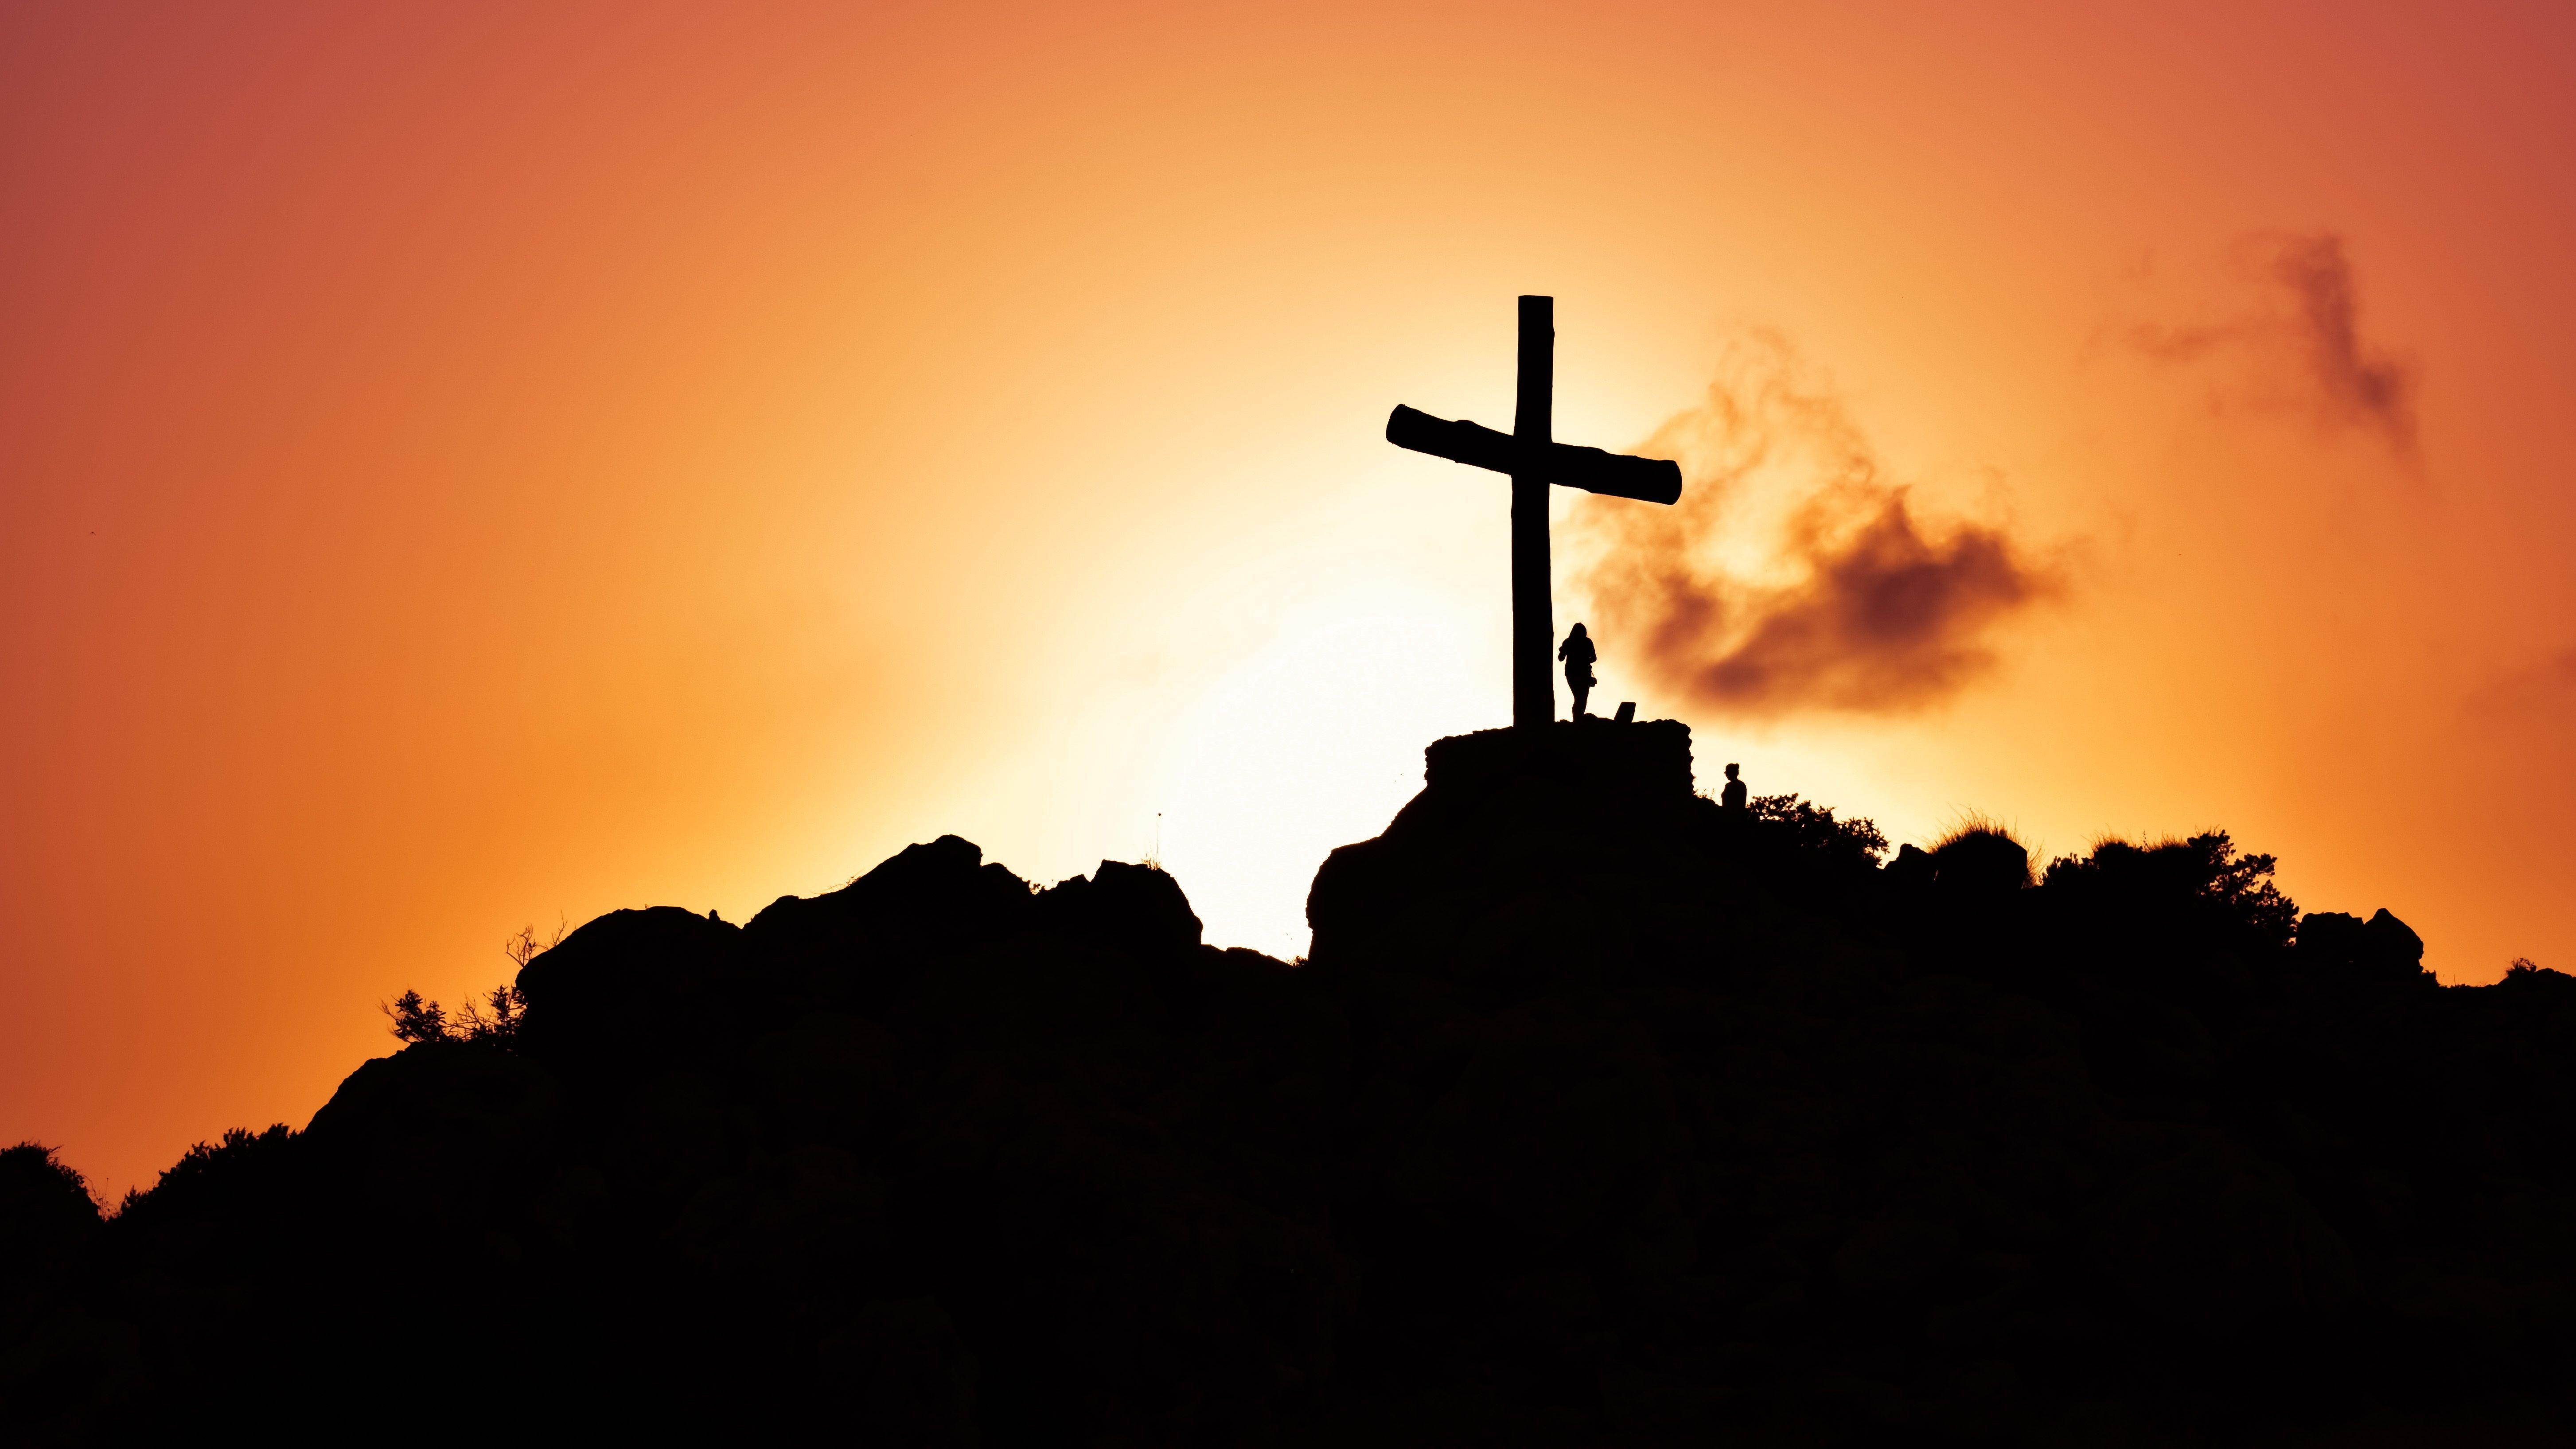 Jesus 4k Wallpapers - Top Free Jesus 4k Backgrounds ...